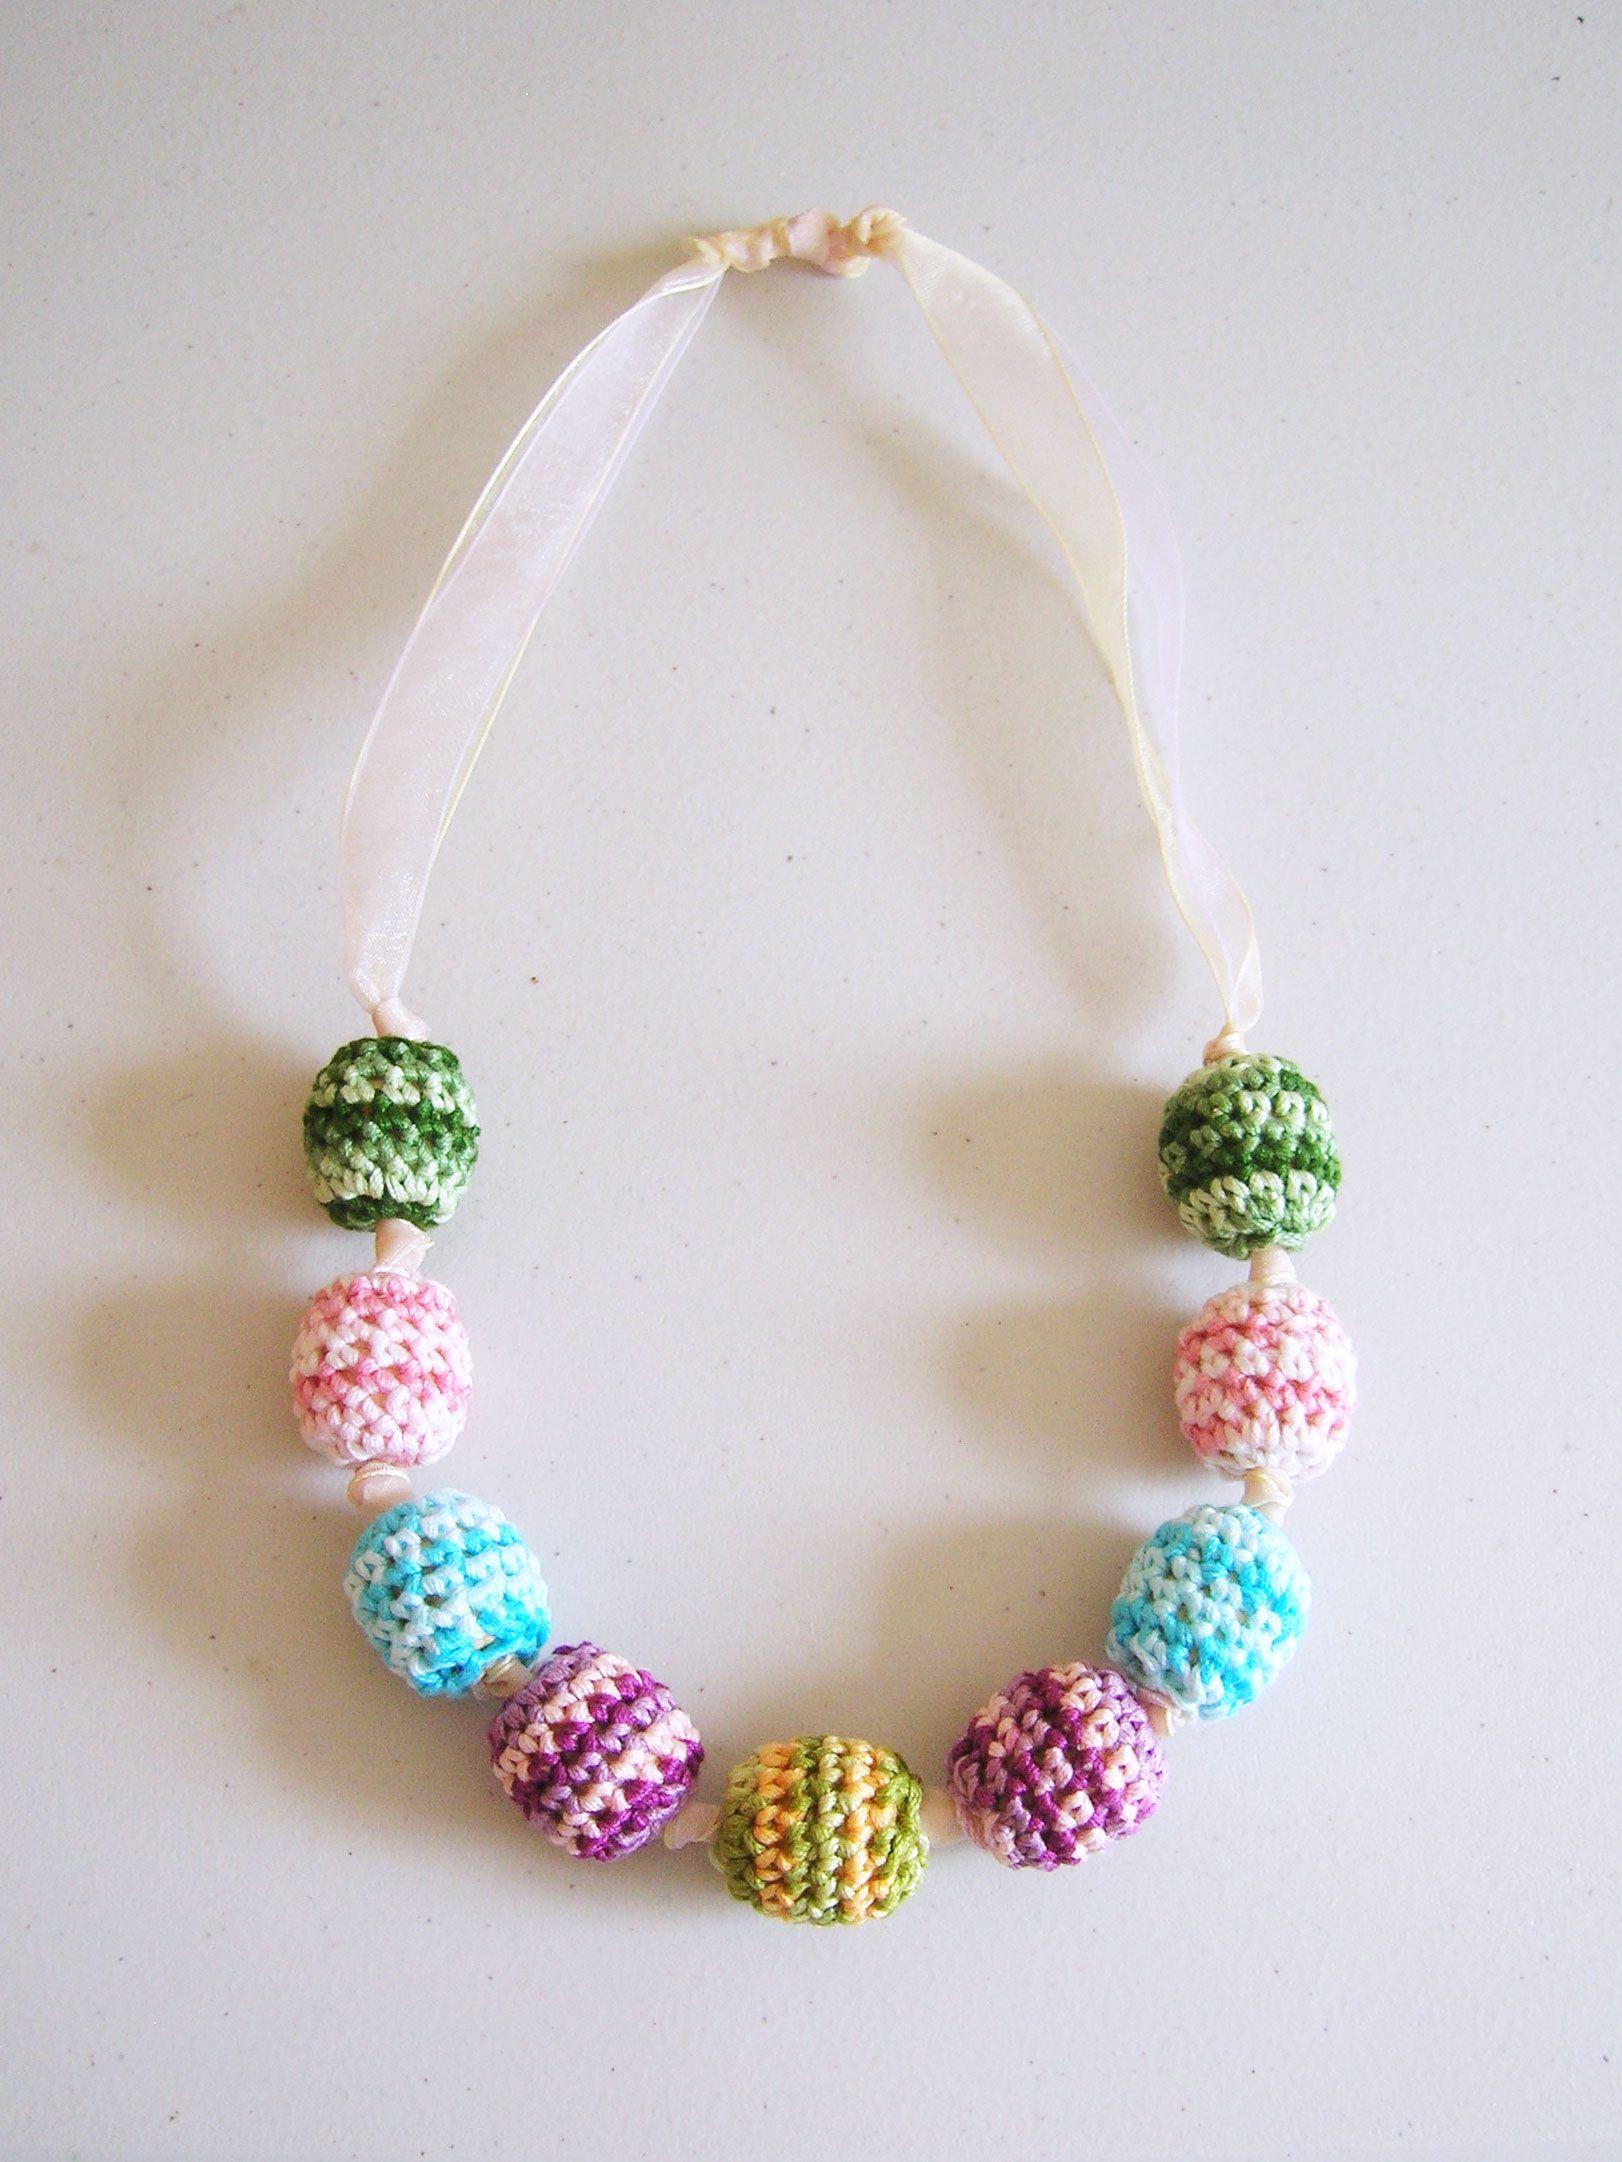 Crochet beads\' necklace/ Collar de cuentas tejidas | crochet ...